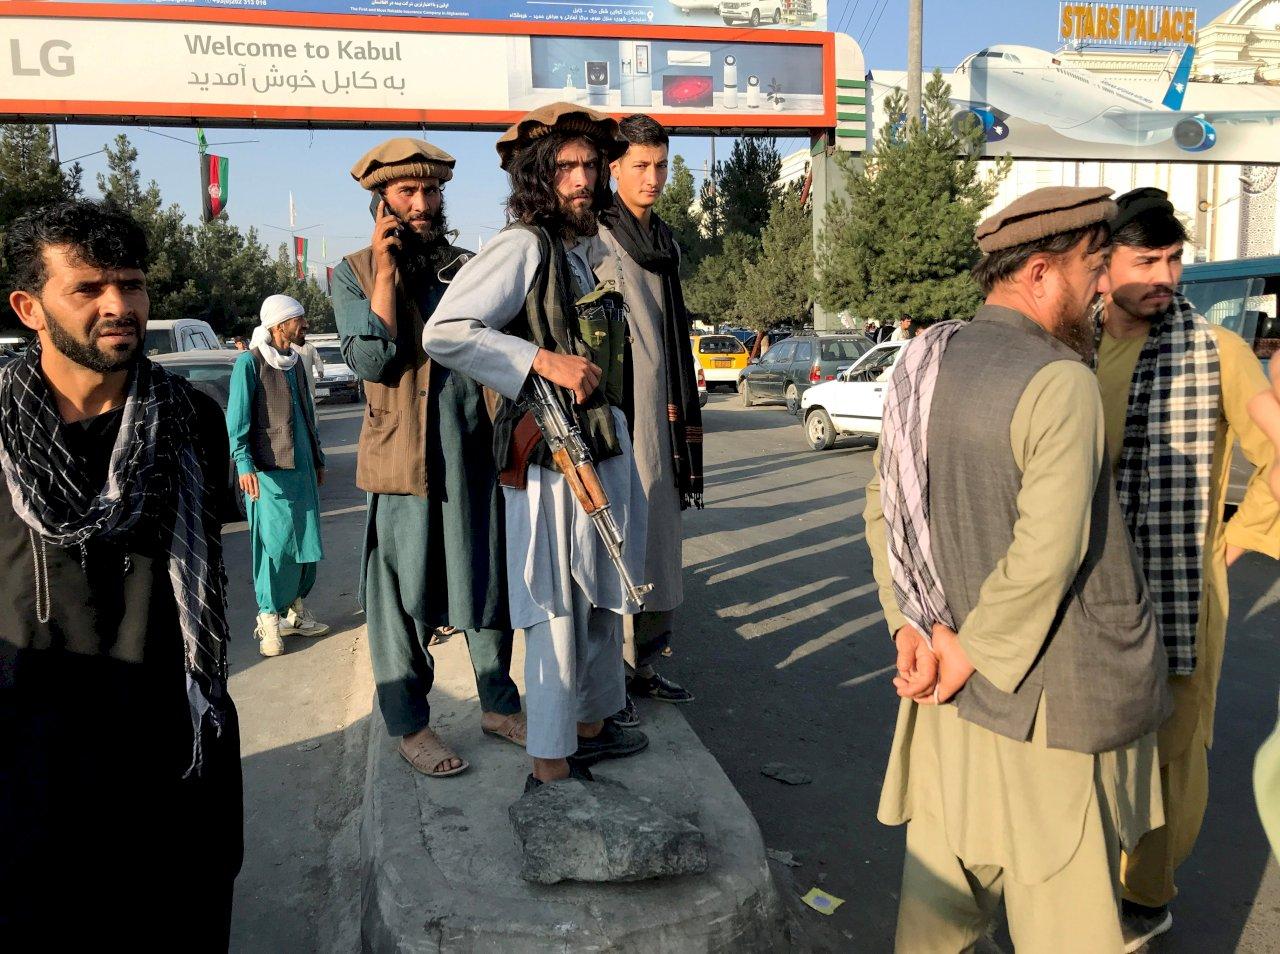 討論阿富汗情勢 英美領袖同意召開G7視訊高峰會